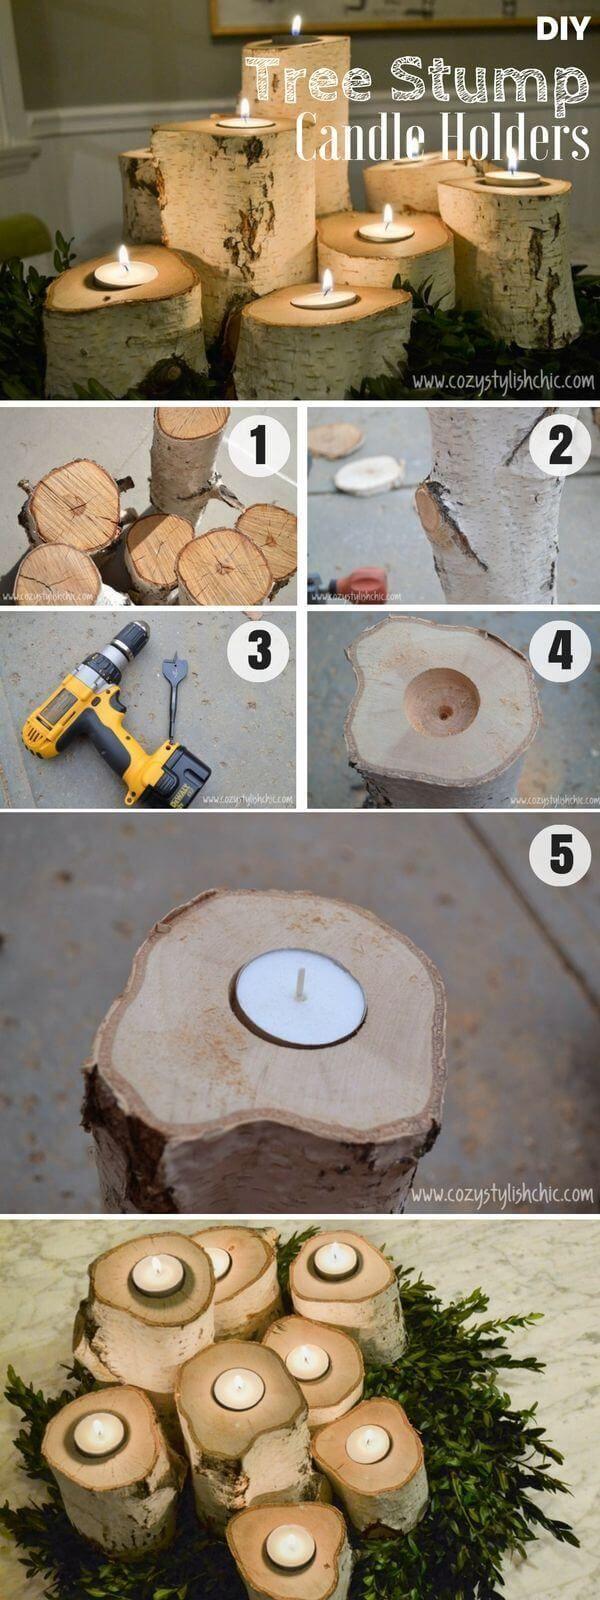 21 Crafty DIY Kerzenhalter Ideen zur Verschönerung Ihres Zimmers